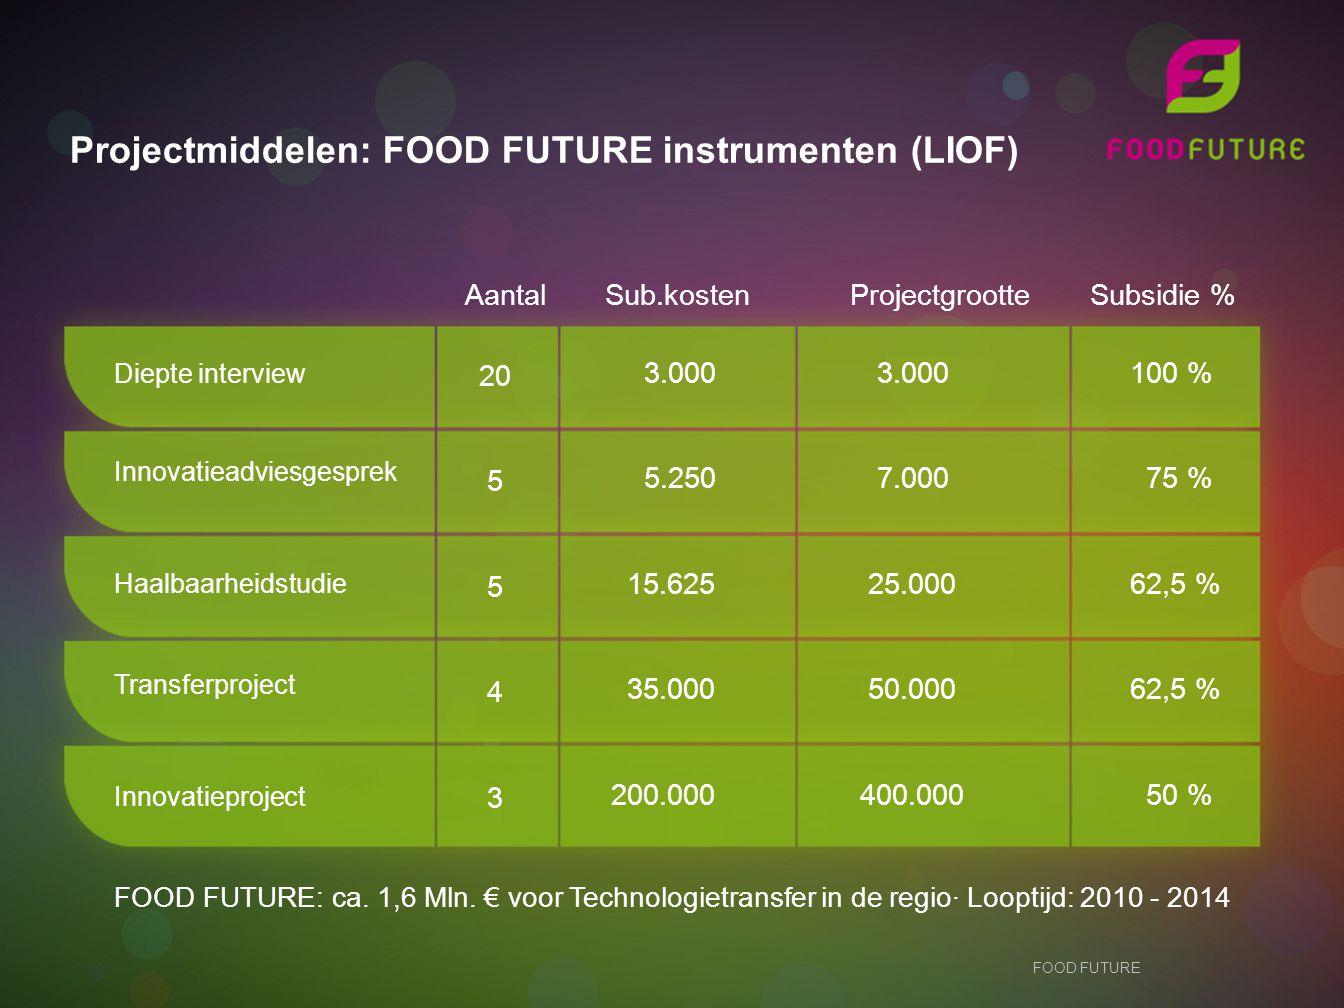 Projectmiddelen: FOOD FUTURE instrumenten (LIOF) Diepte interview 20 5 5 4 3 3.000 5.250 15.625 35.000 200.000 3.000 7.000 25.000 50.000 400.000 100 % 75 % 62,5 % 50 % Aantal Sub.kosten Projectgrootte Subsidie % FOOD FUTURE: ca.